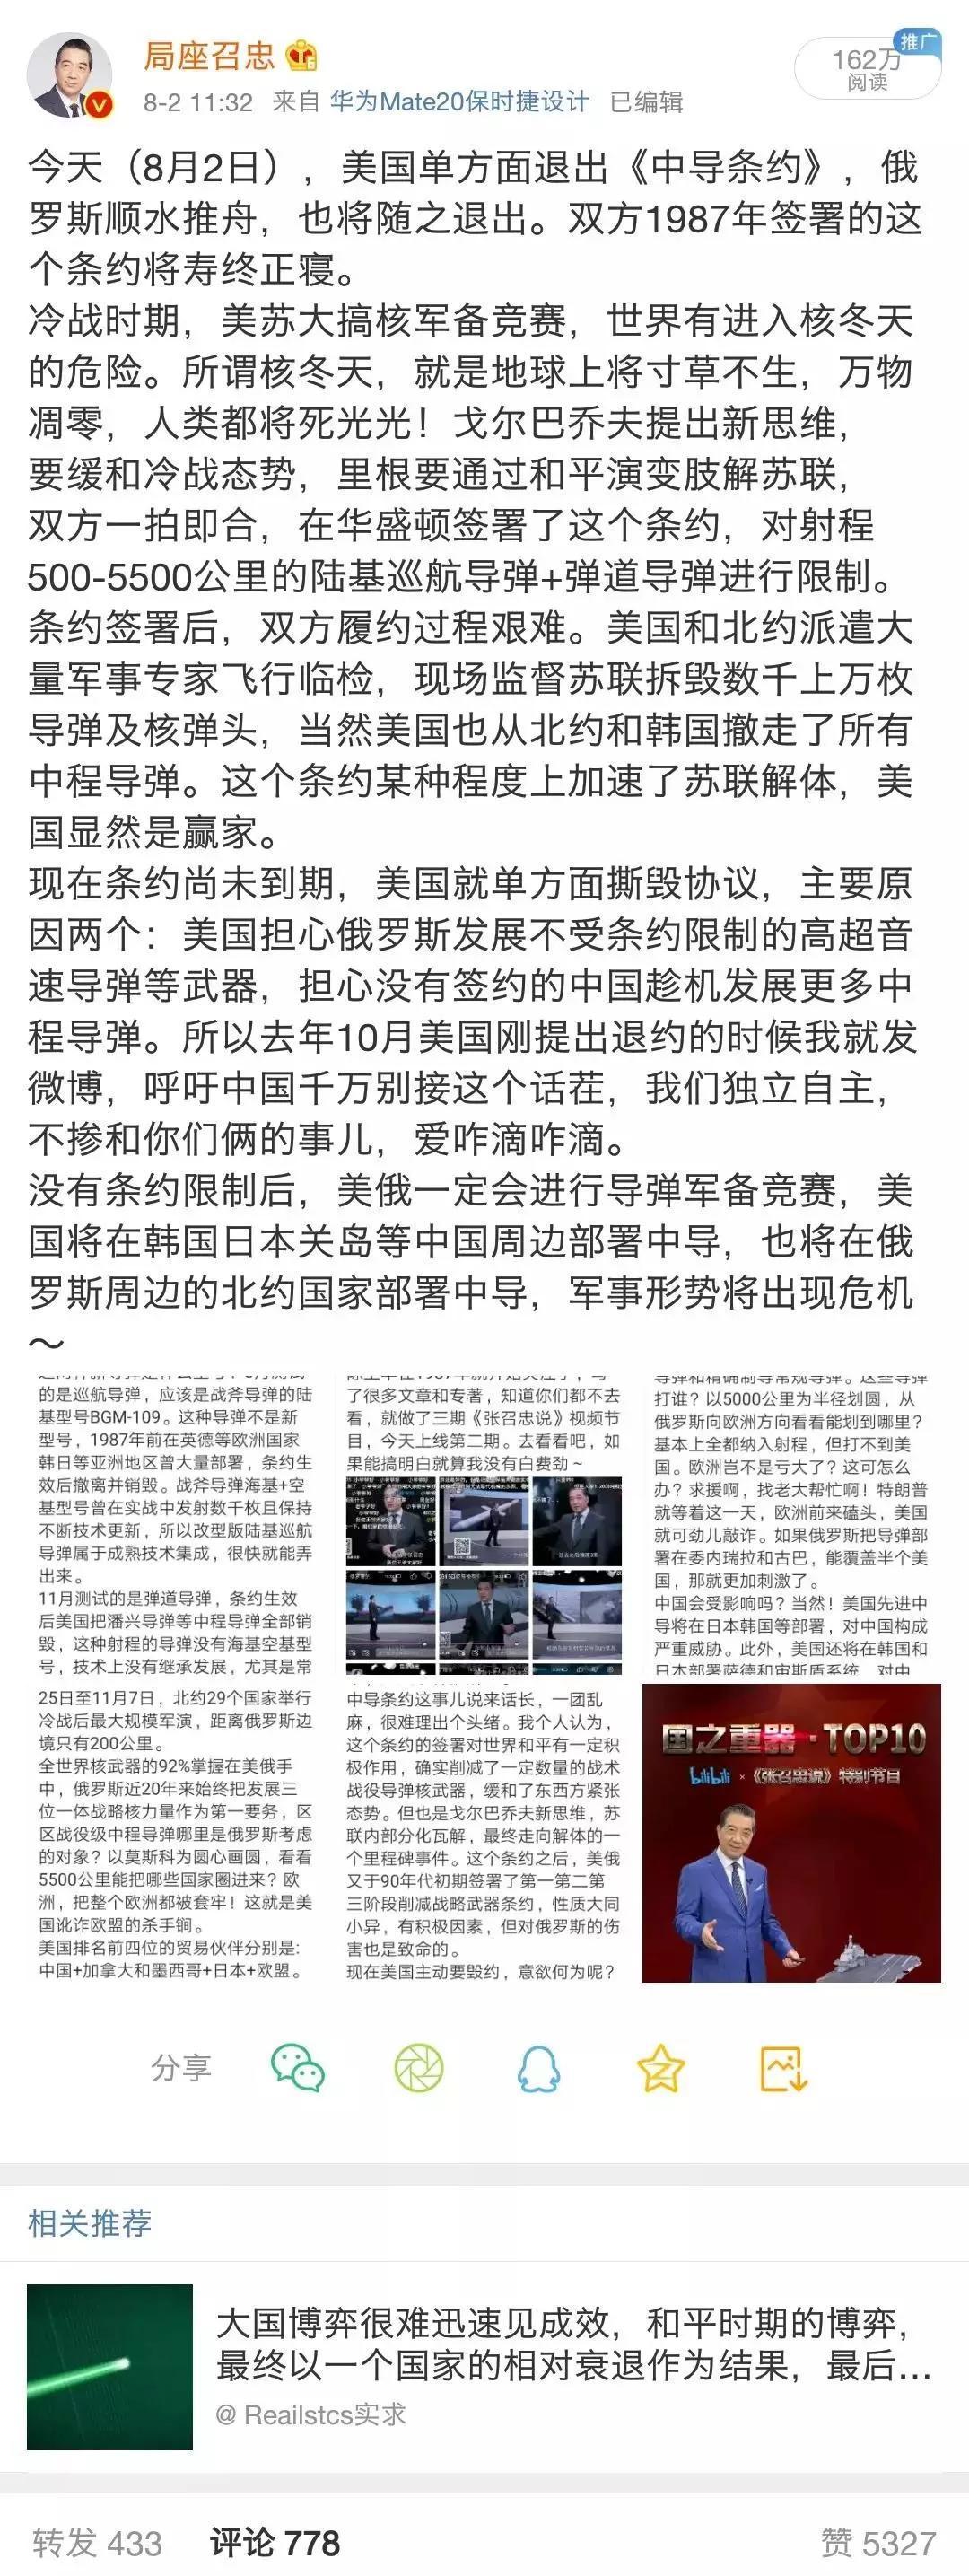 利記集團_甘肃省出台《方案》确定教育领域省与市县支出责任分担方式 加强省级统筹 避免支出责任过度下移